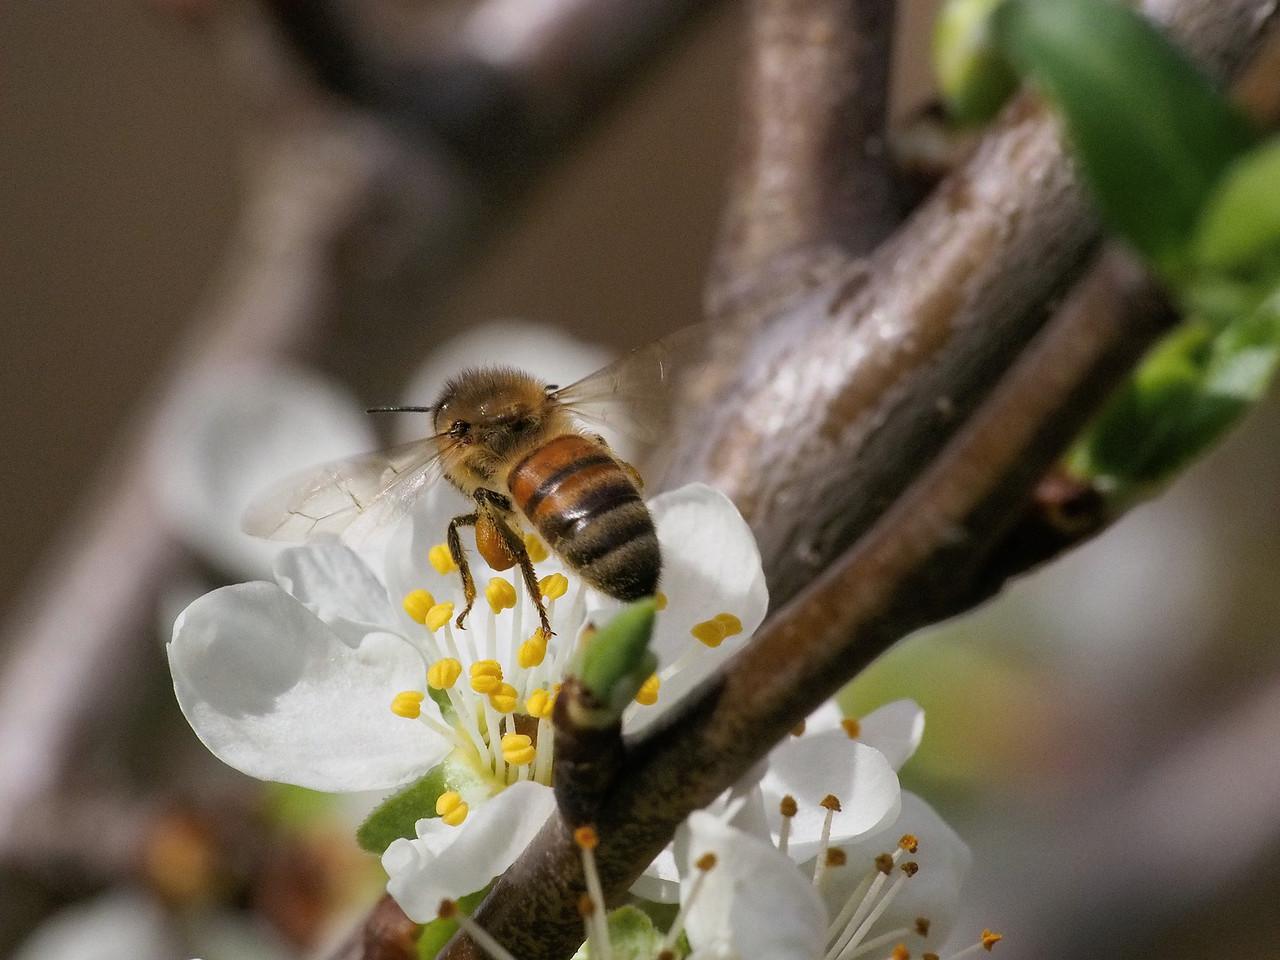 20130908_1005_1779 plum blossom bee